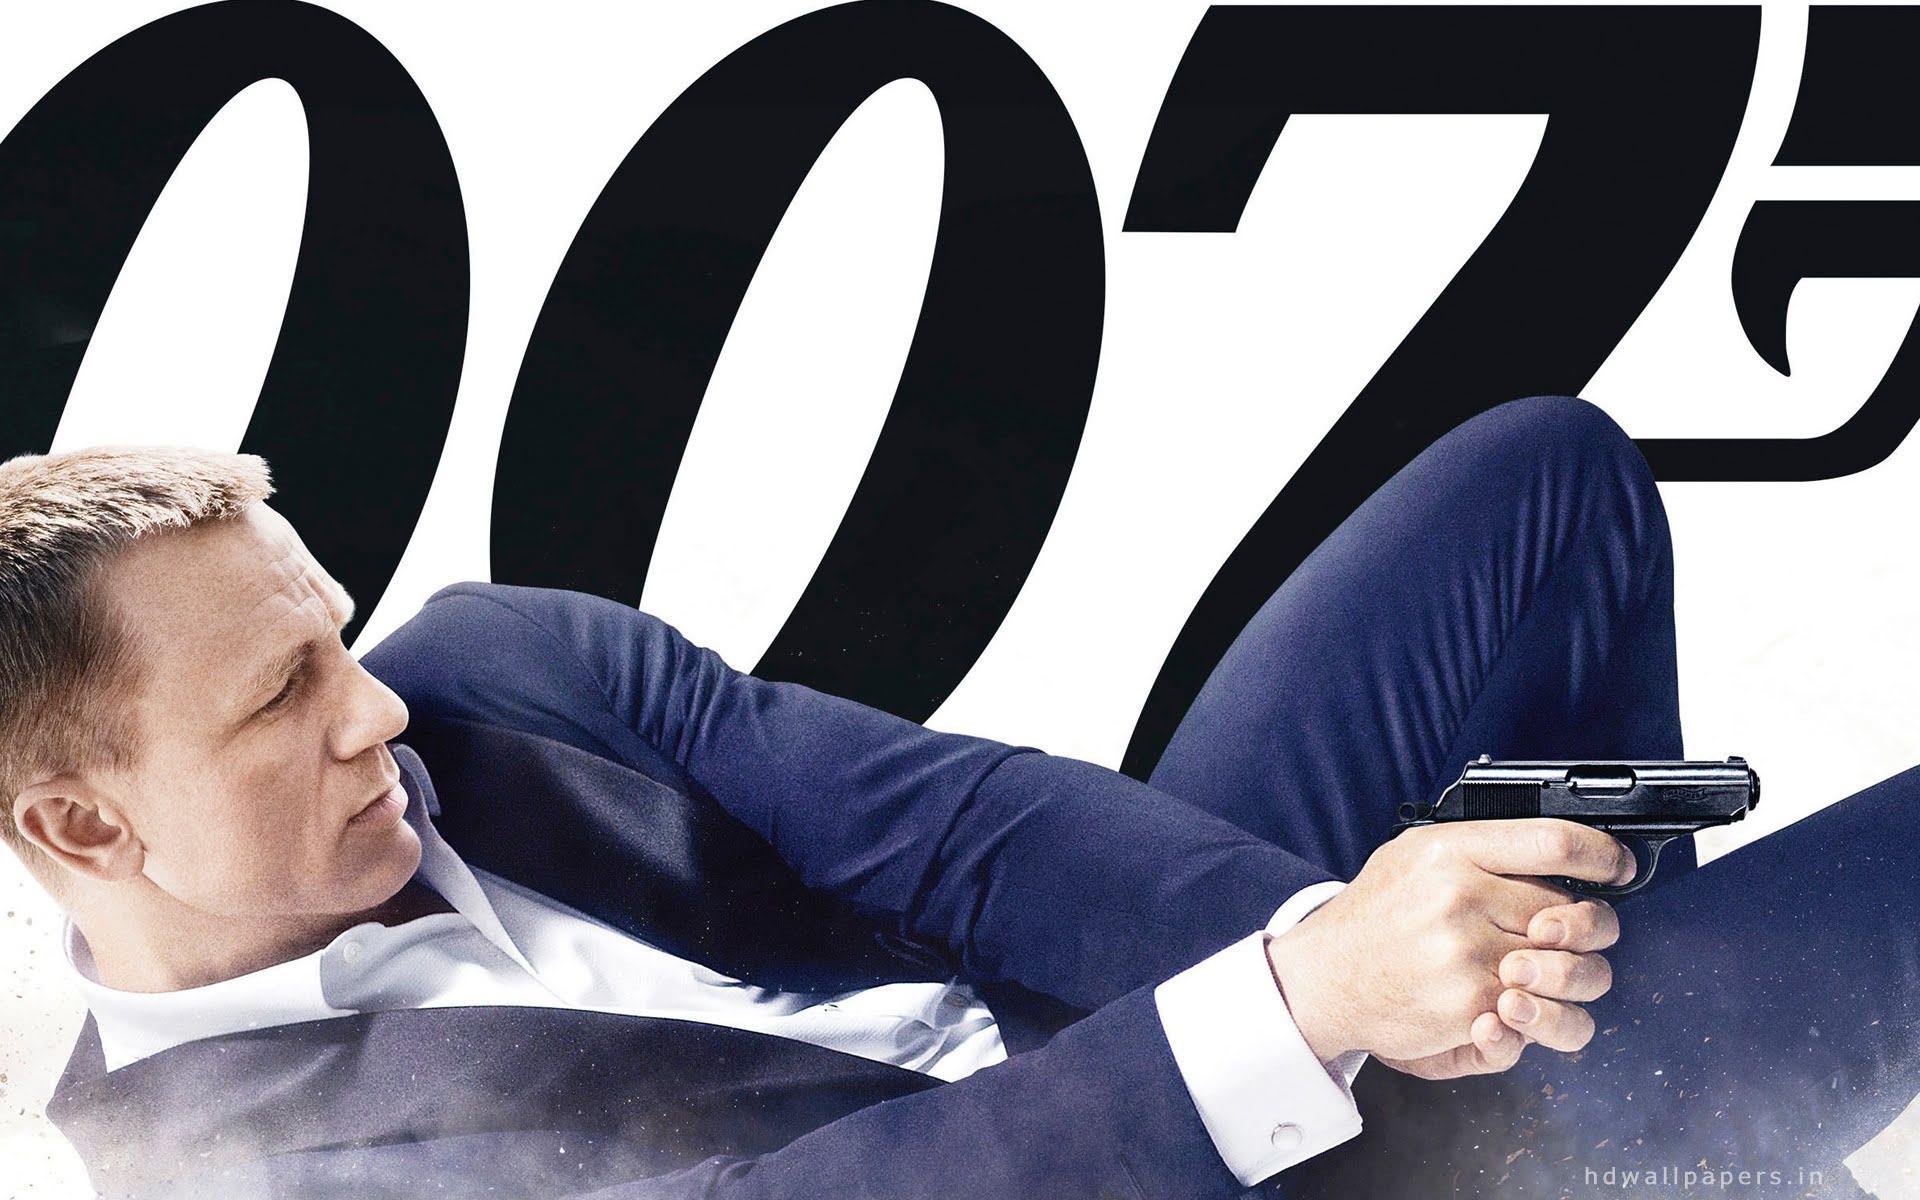 Daniel Craig, agentul 007, este cel mai bine platit spion de la Hollywood